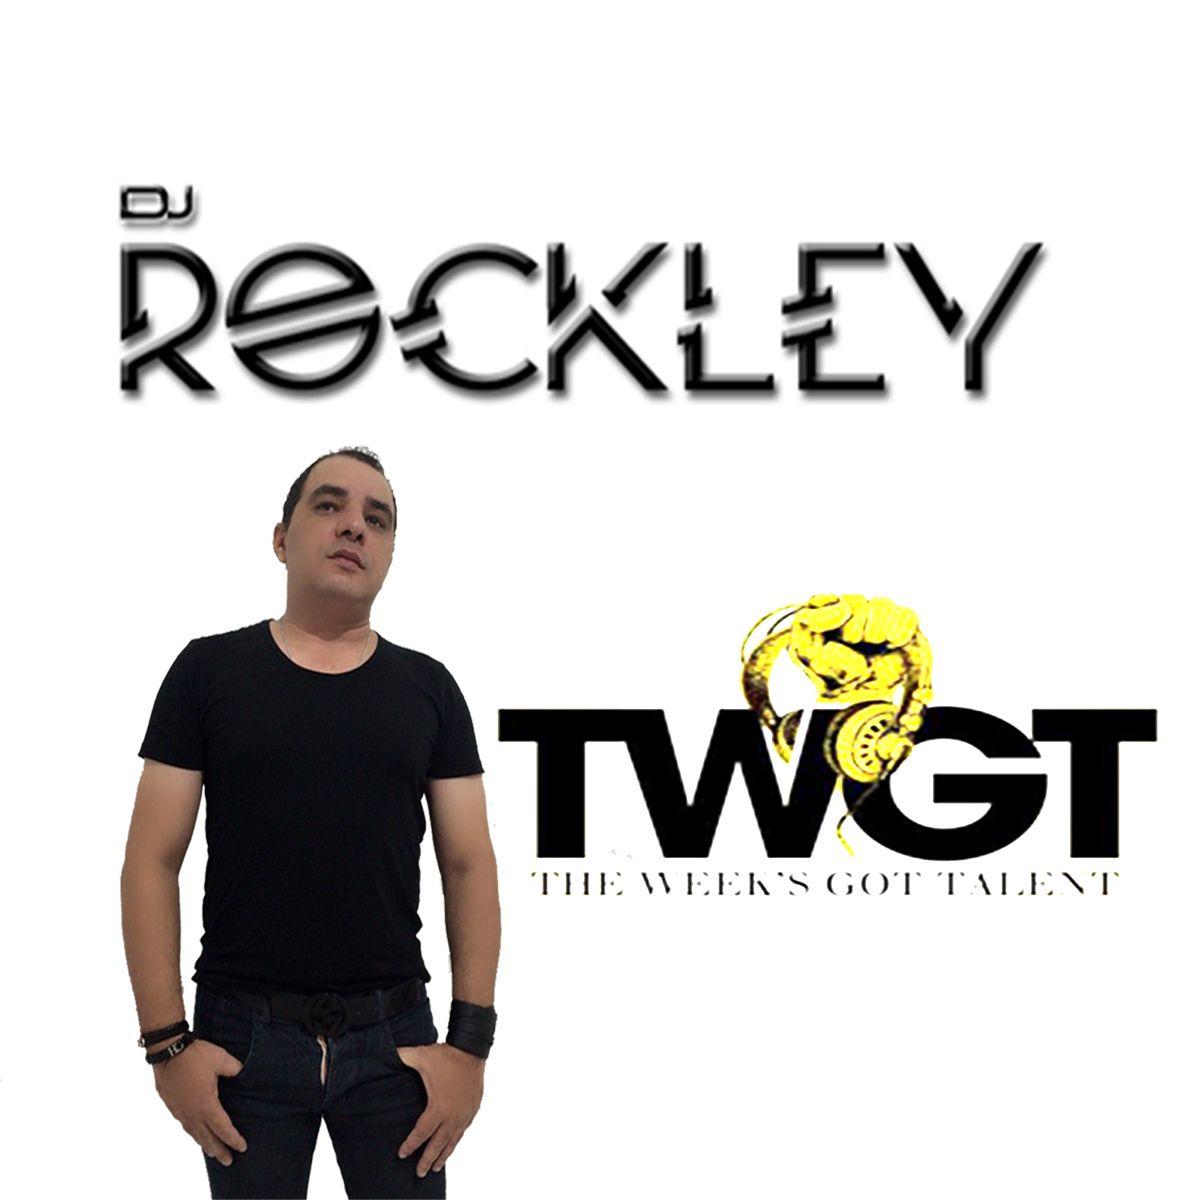 DJ Rockley - ✽ The Week Got Talent's (DJ Contest) ✽